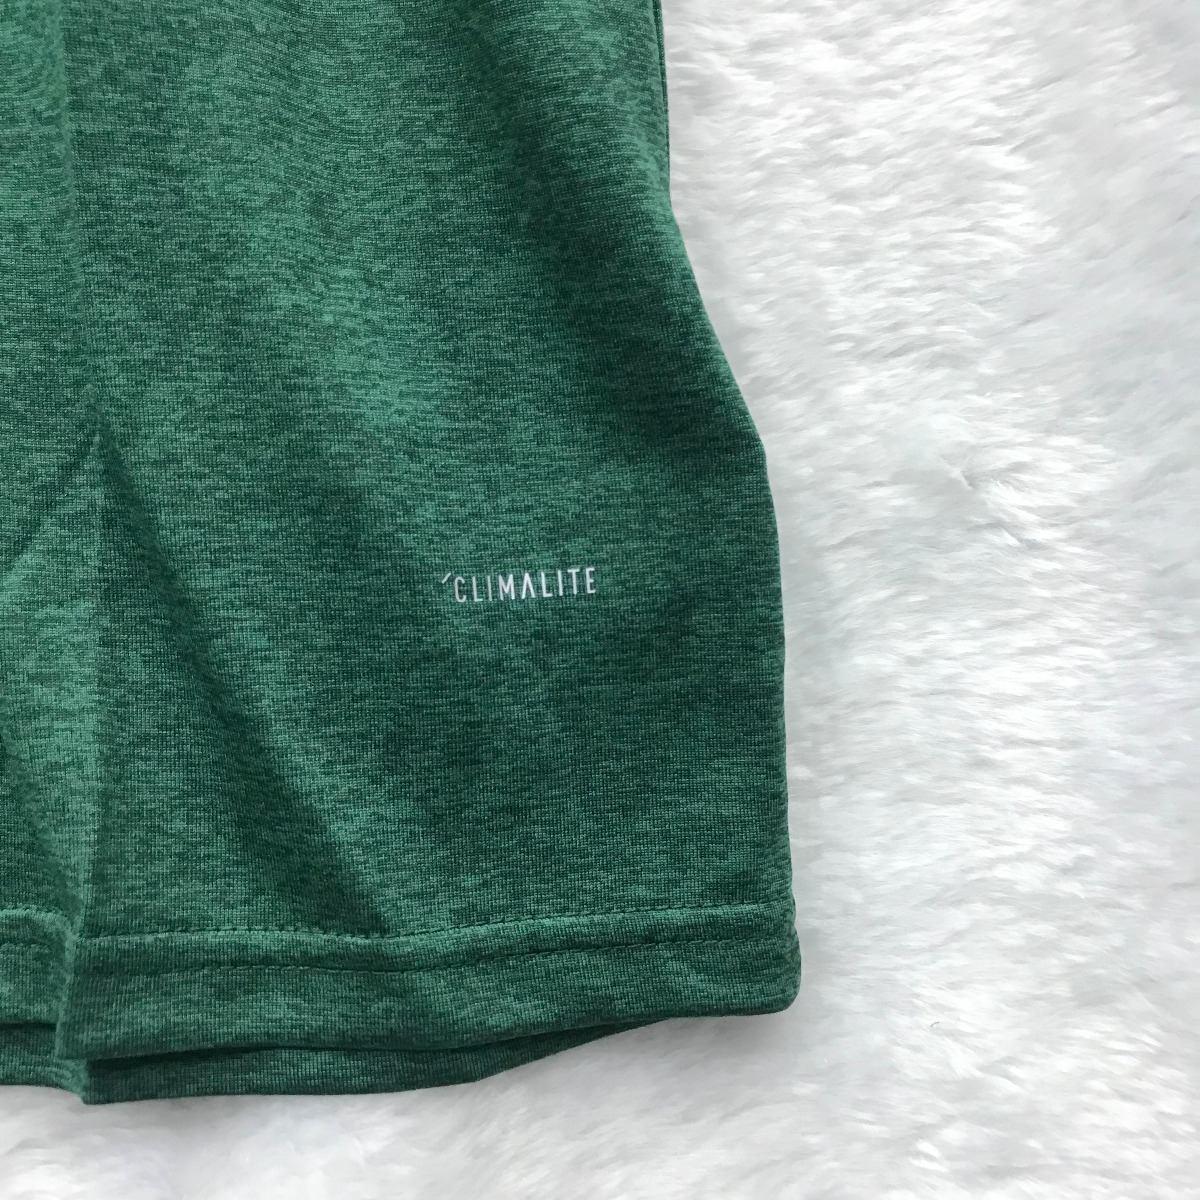 nova camiseta oficial palmeiras 2018 19 lançamento verde. Carregando zoom. 8b23e816cb9cb